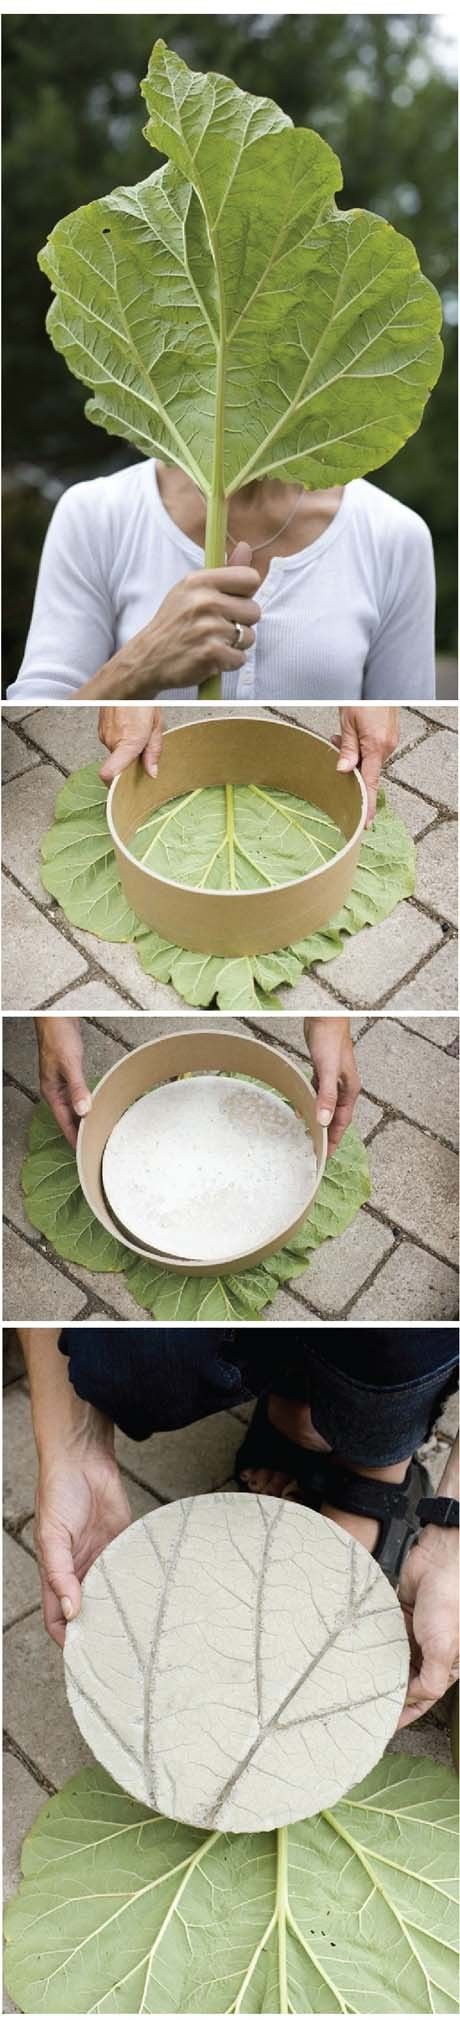 un toque bello para el jardín, puedo hacerlo con mortero. (tipo cemento pero mucho más manejable)